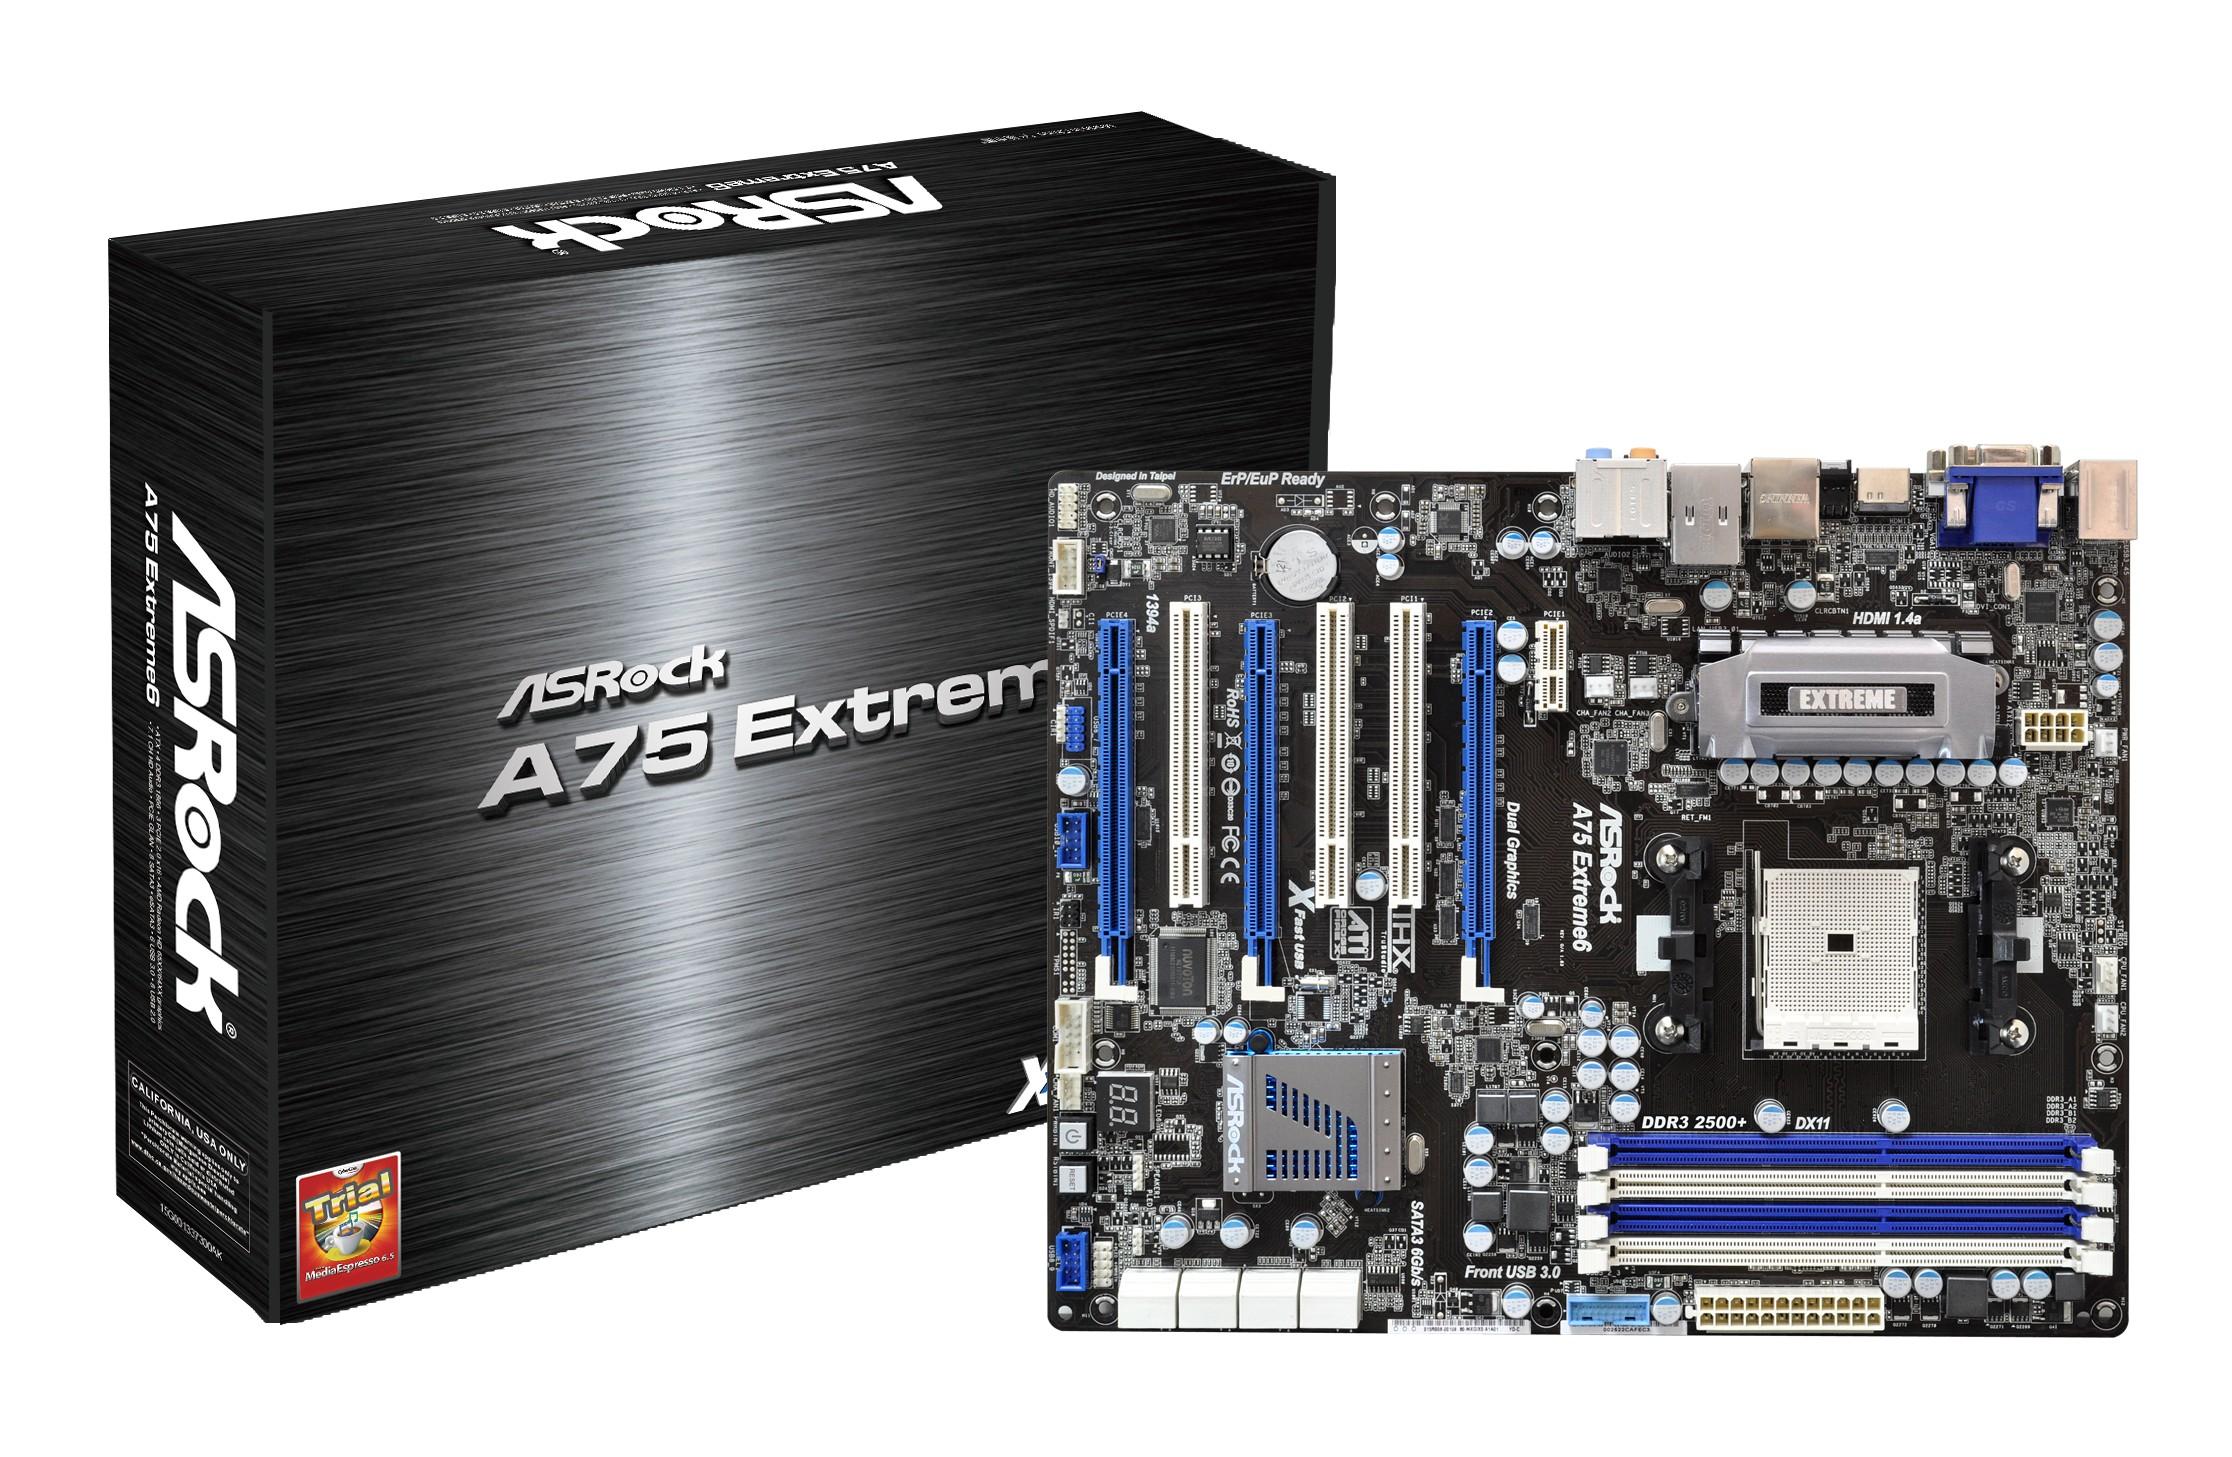 ASROCK A75 EXTREME6 ASMEDIA USB 3.0 DESCARGAR CONTROLADOR